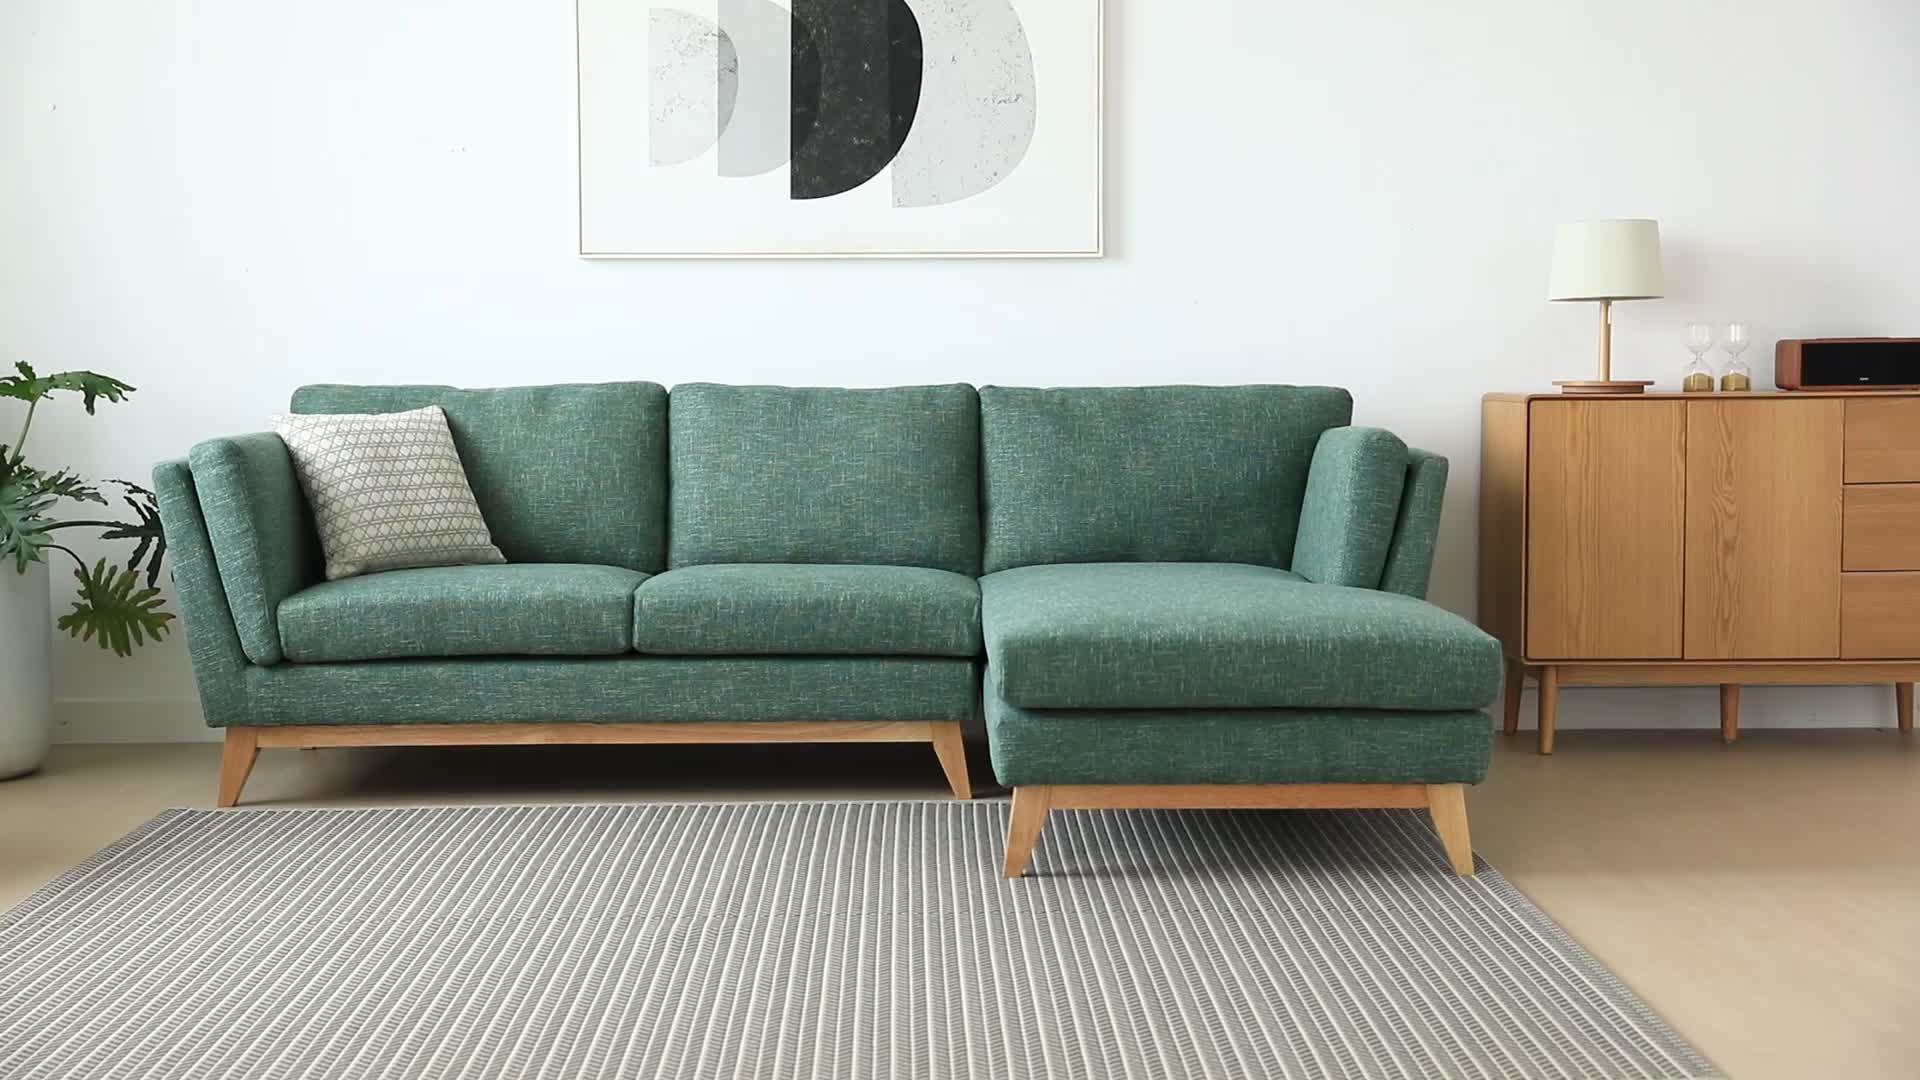 5 niñera tela sofá muebles de sala salón sofaset esquina sofá en forma de l diseño escandinavo moderno y cómodo gris